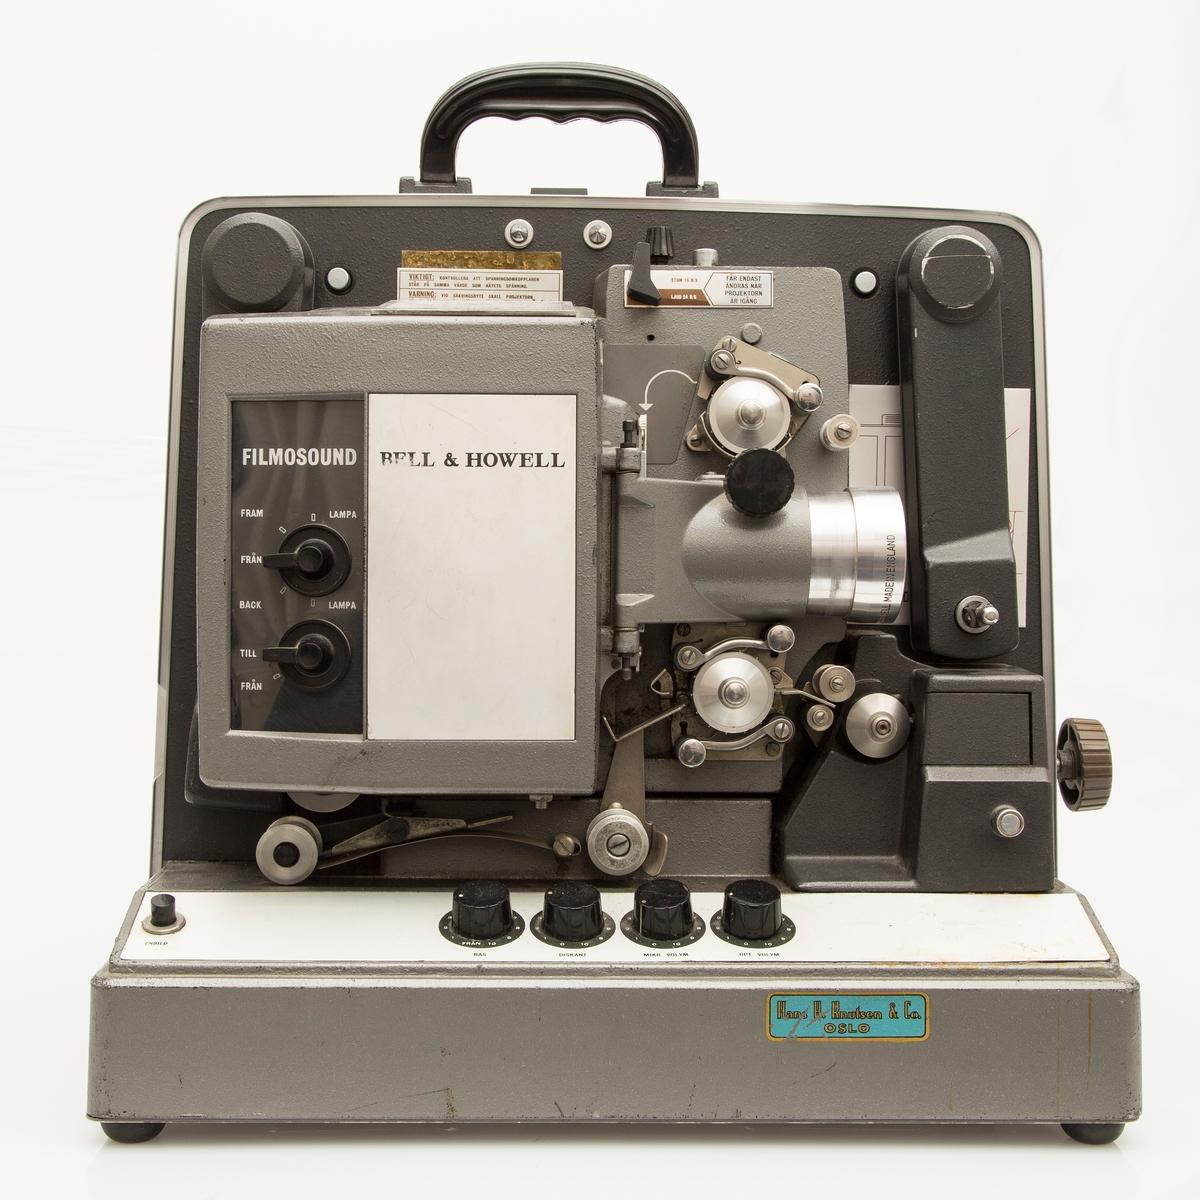 Filmframviser fra Bell & Howell, Filmosound 16 mm projector, med avtagbar høyttaler som fungerer som lokk til framviserkassen. Det følger med et ekstra lokk med høyttaler.